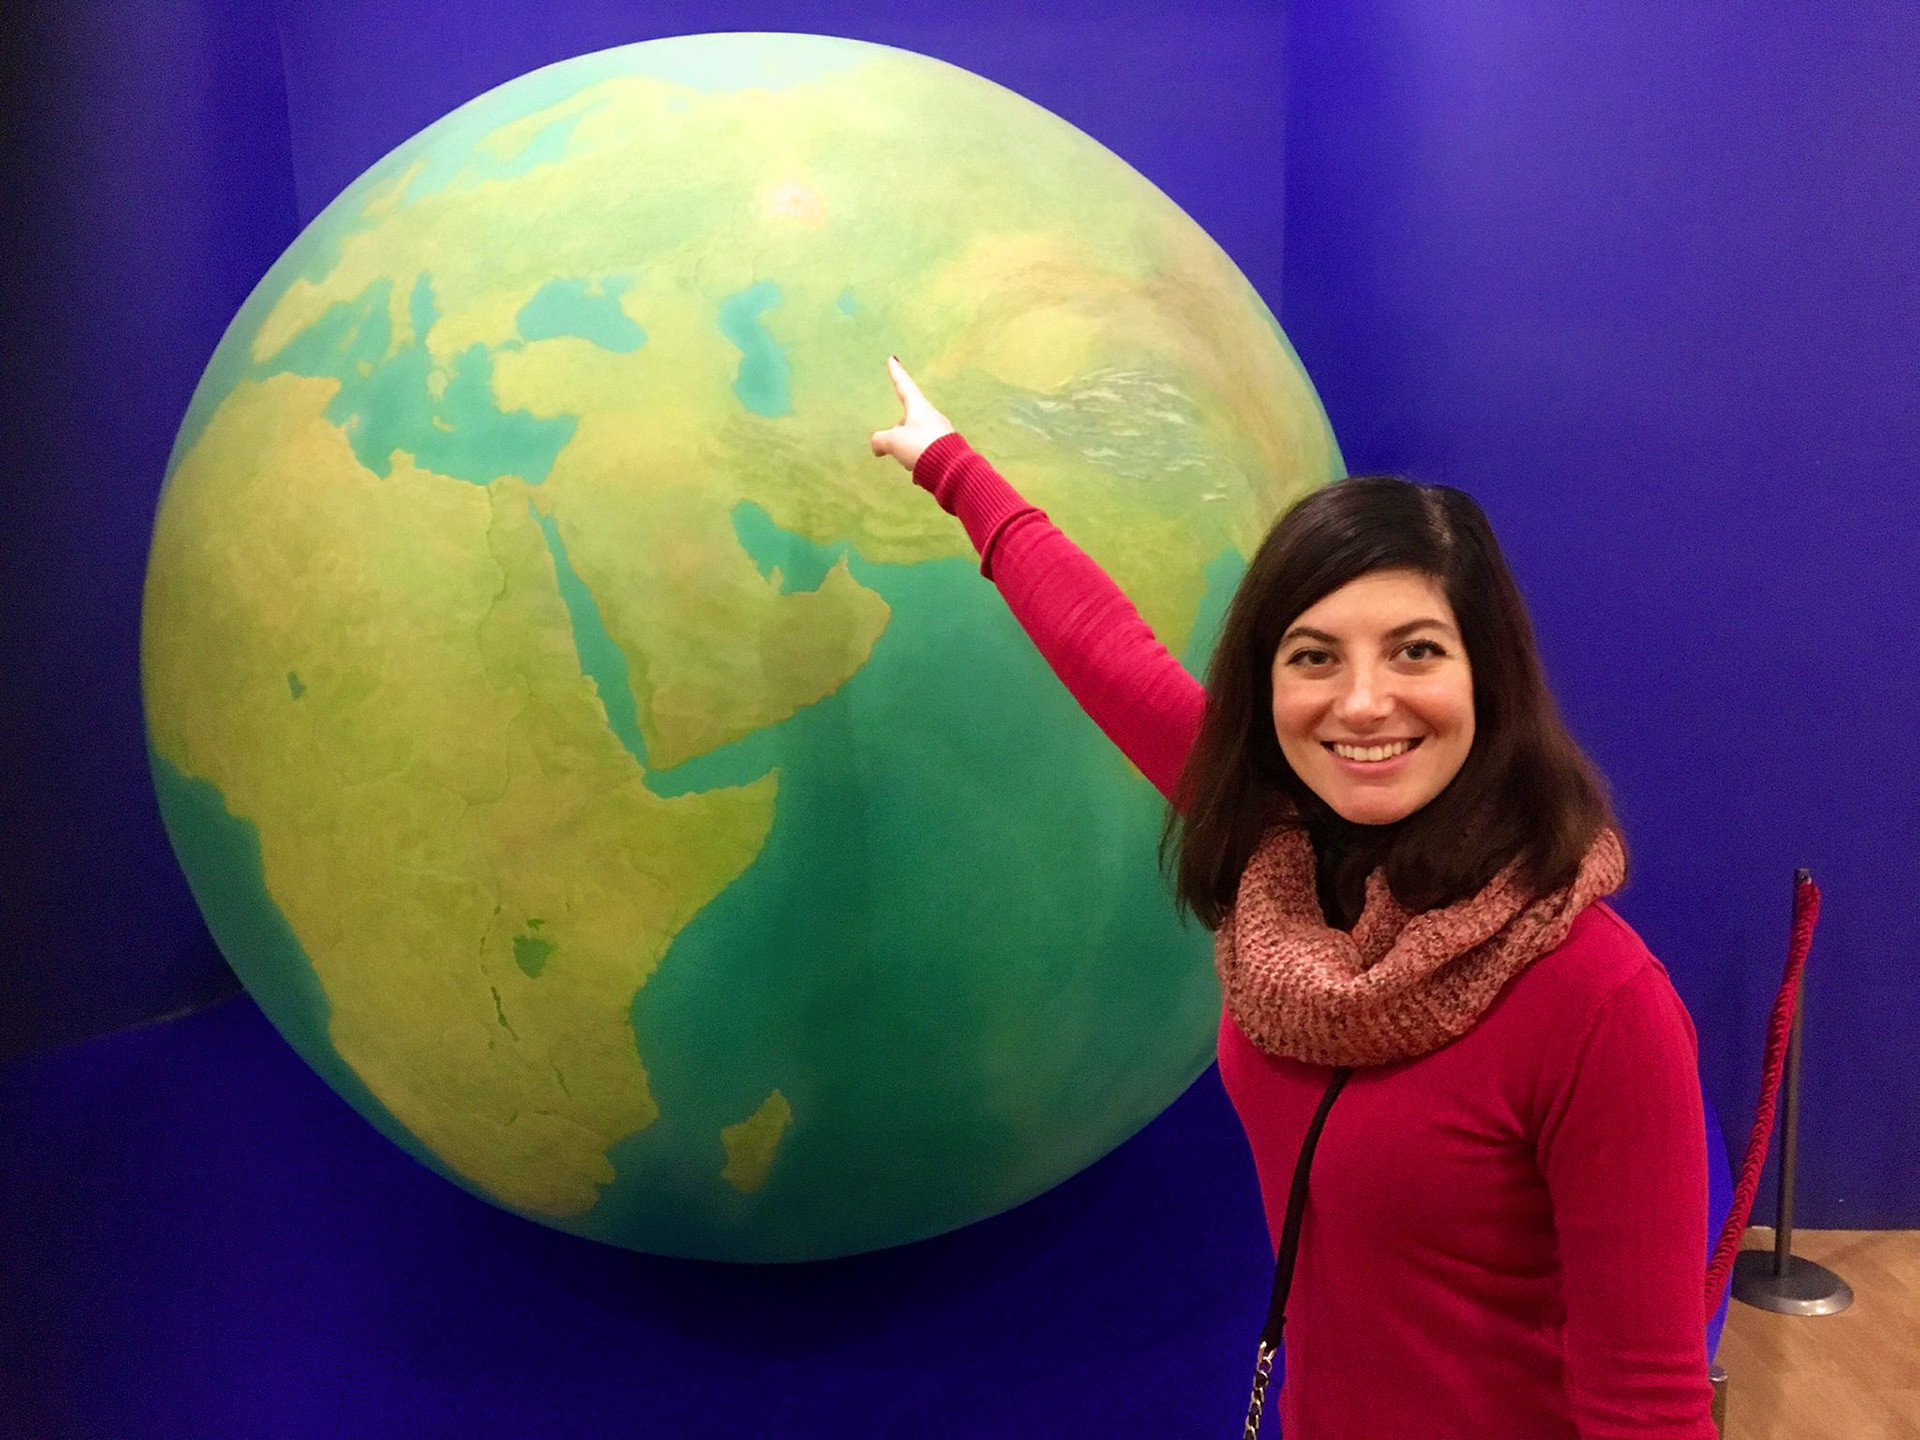 Francesca Loche lebt seit 2010 in Moskau und ist nun Dozentin an der Higher School of Economics.